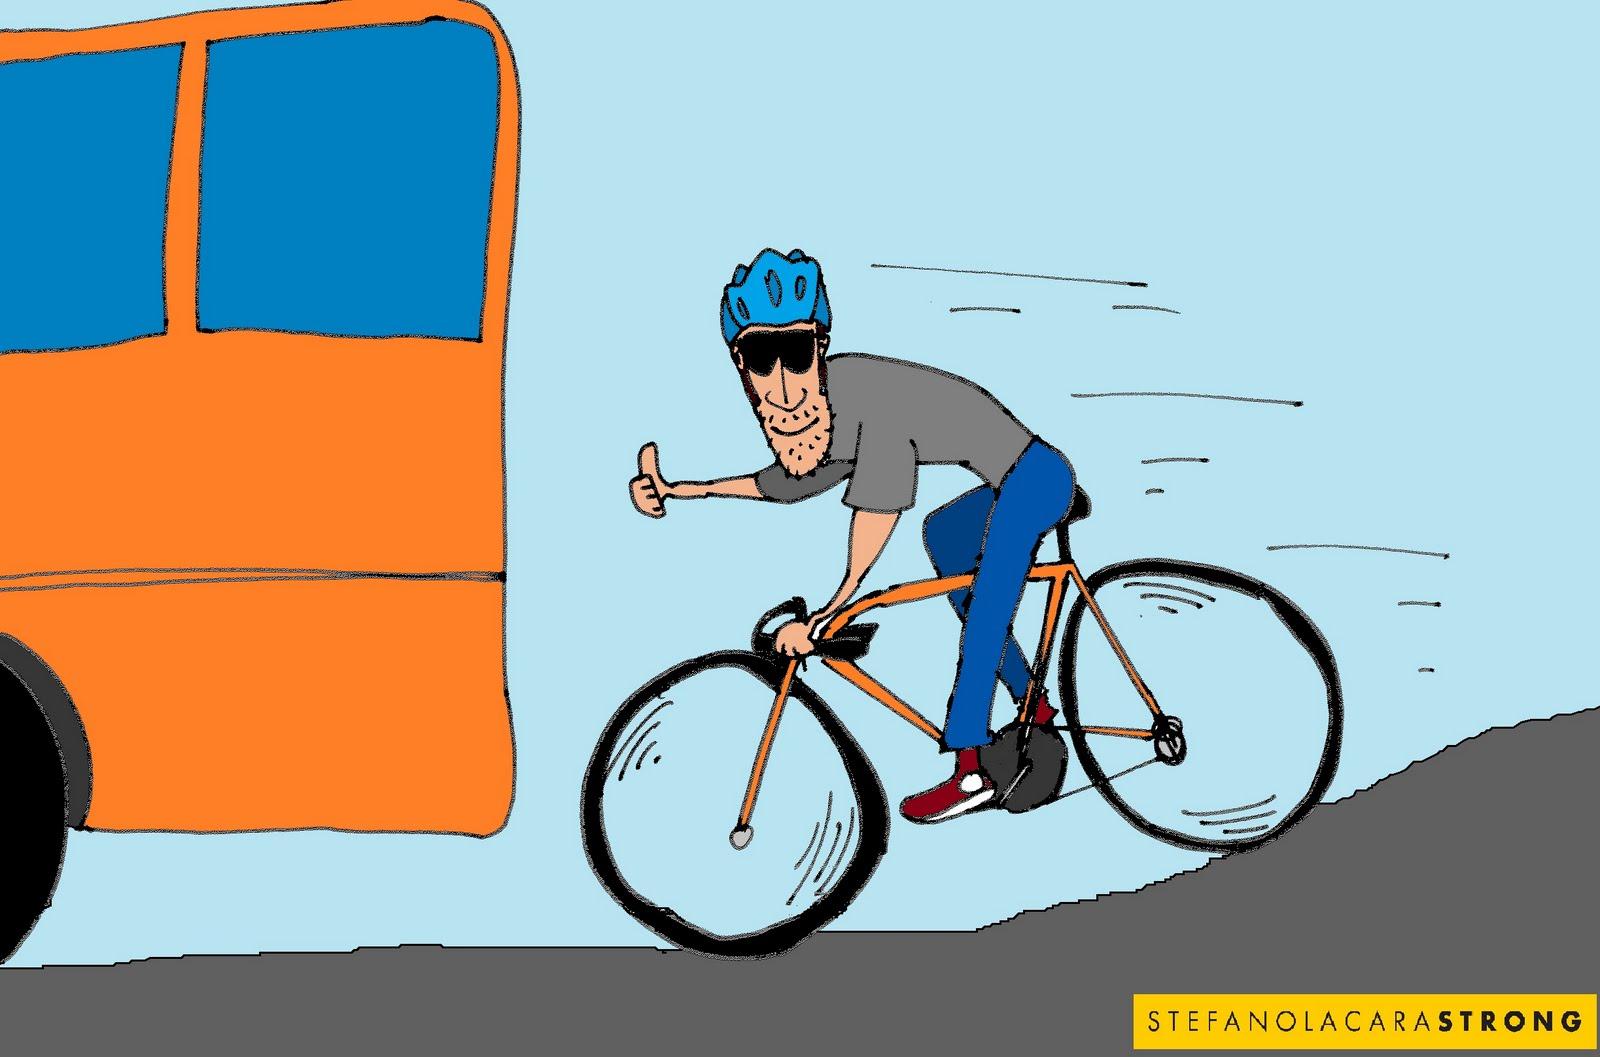 Stefano la cara strong sul ciclismo urbano a roma for Ufficio decoro urbano roma